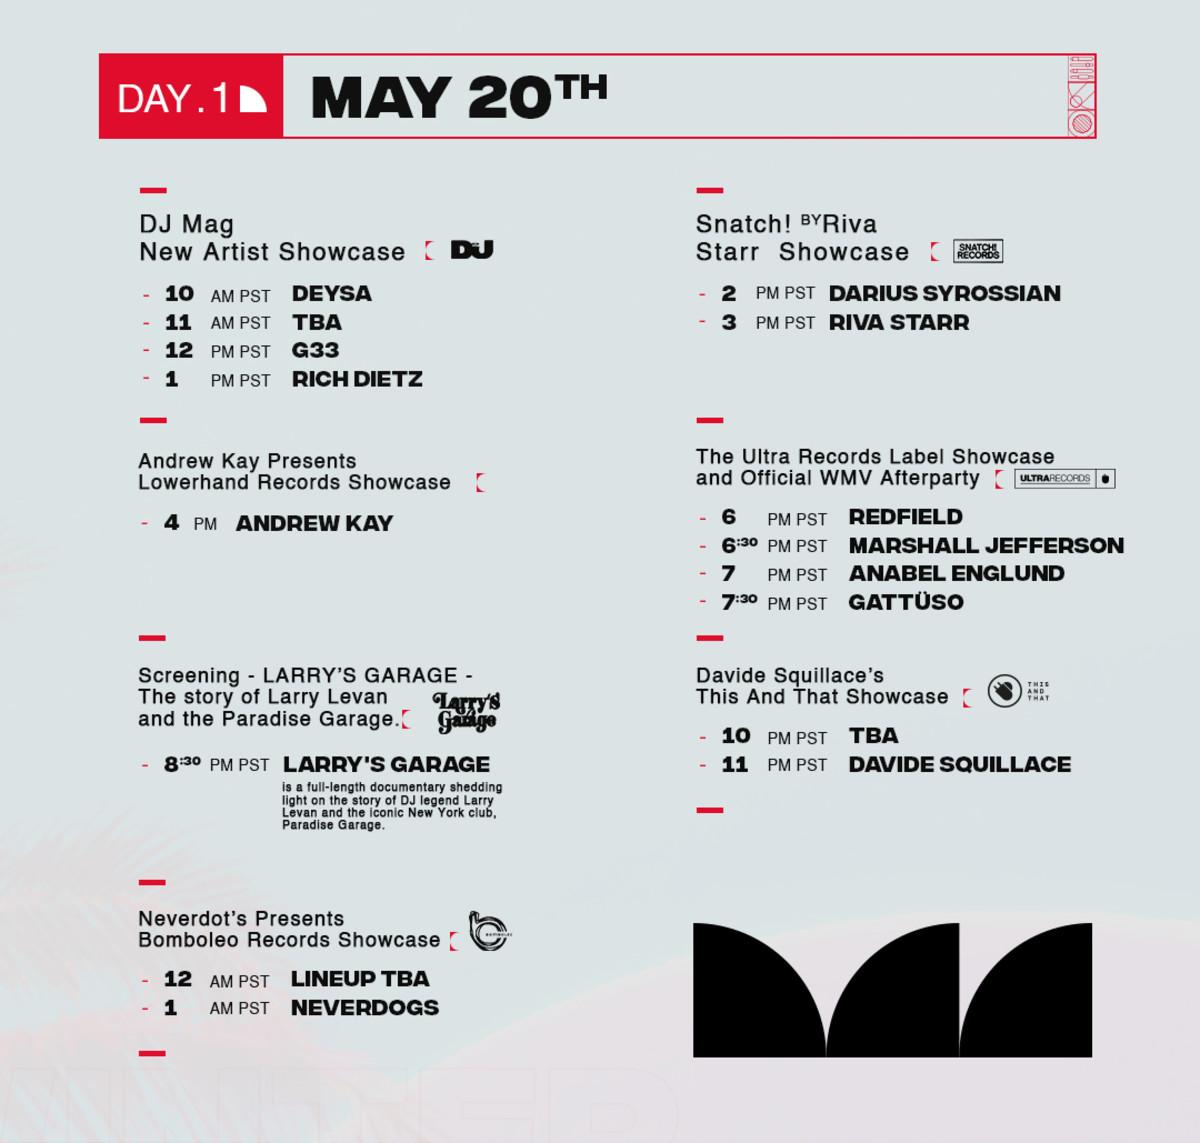 Music Showcase - Day 1